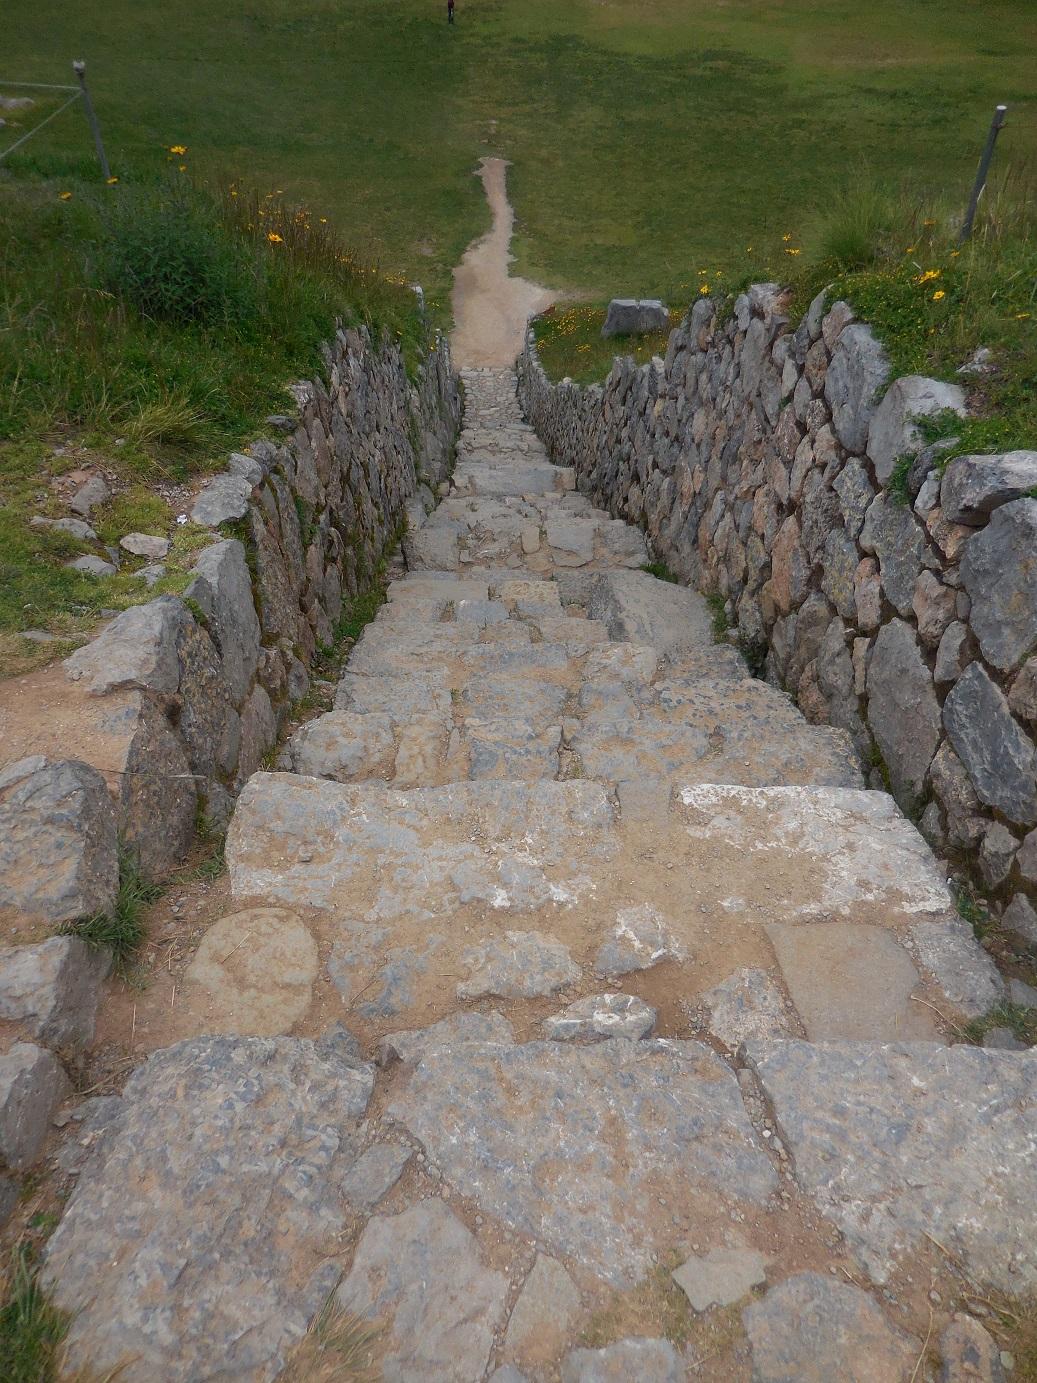 Saqsaywaman stairs